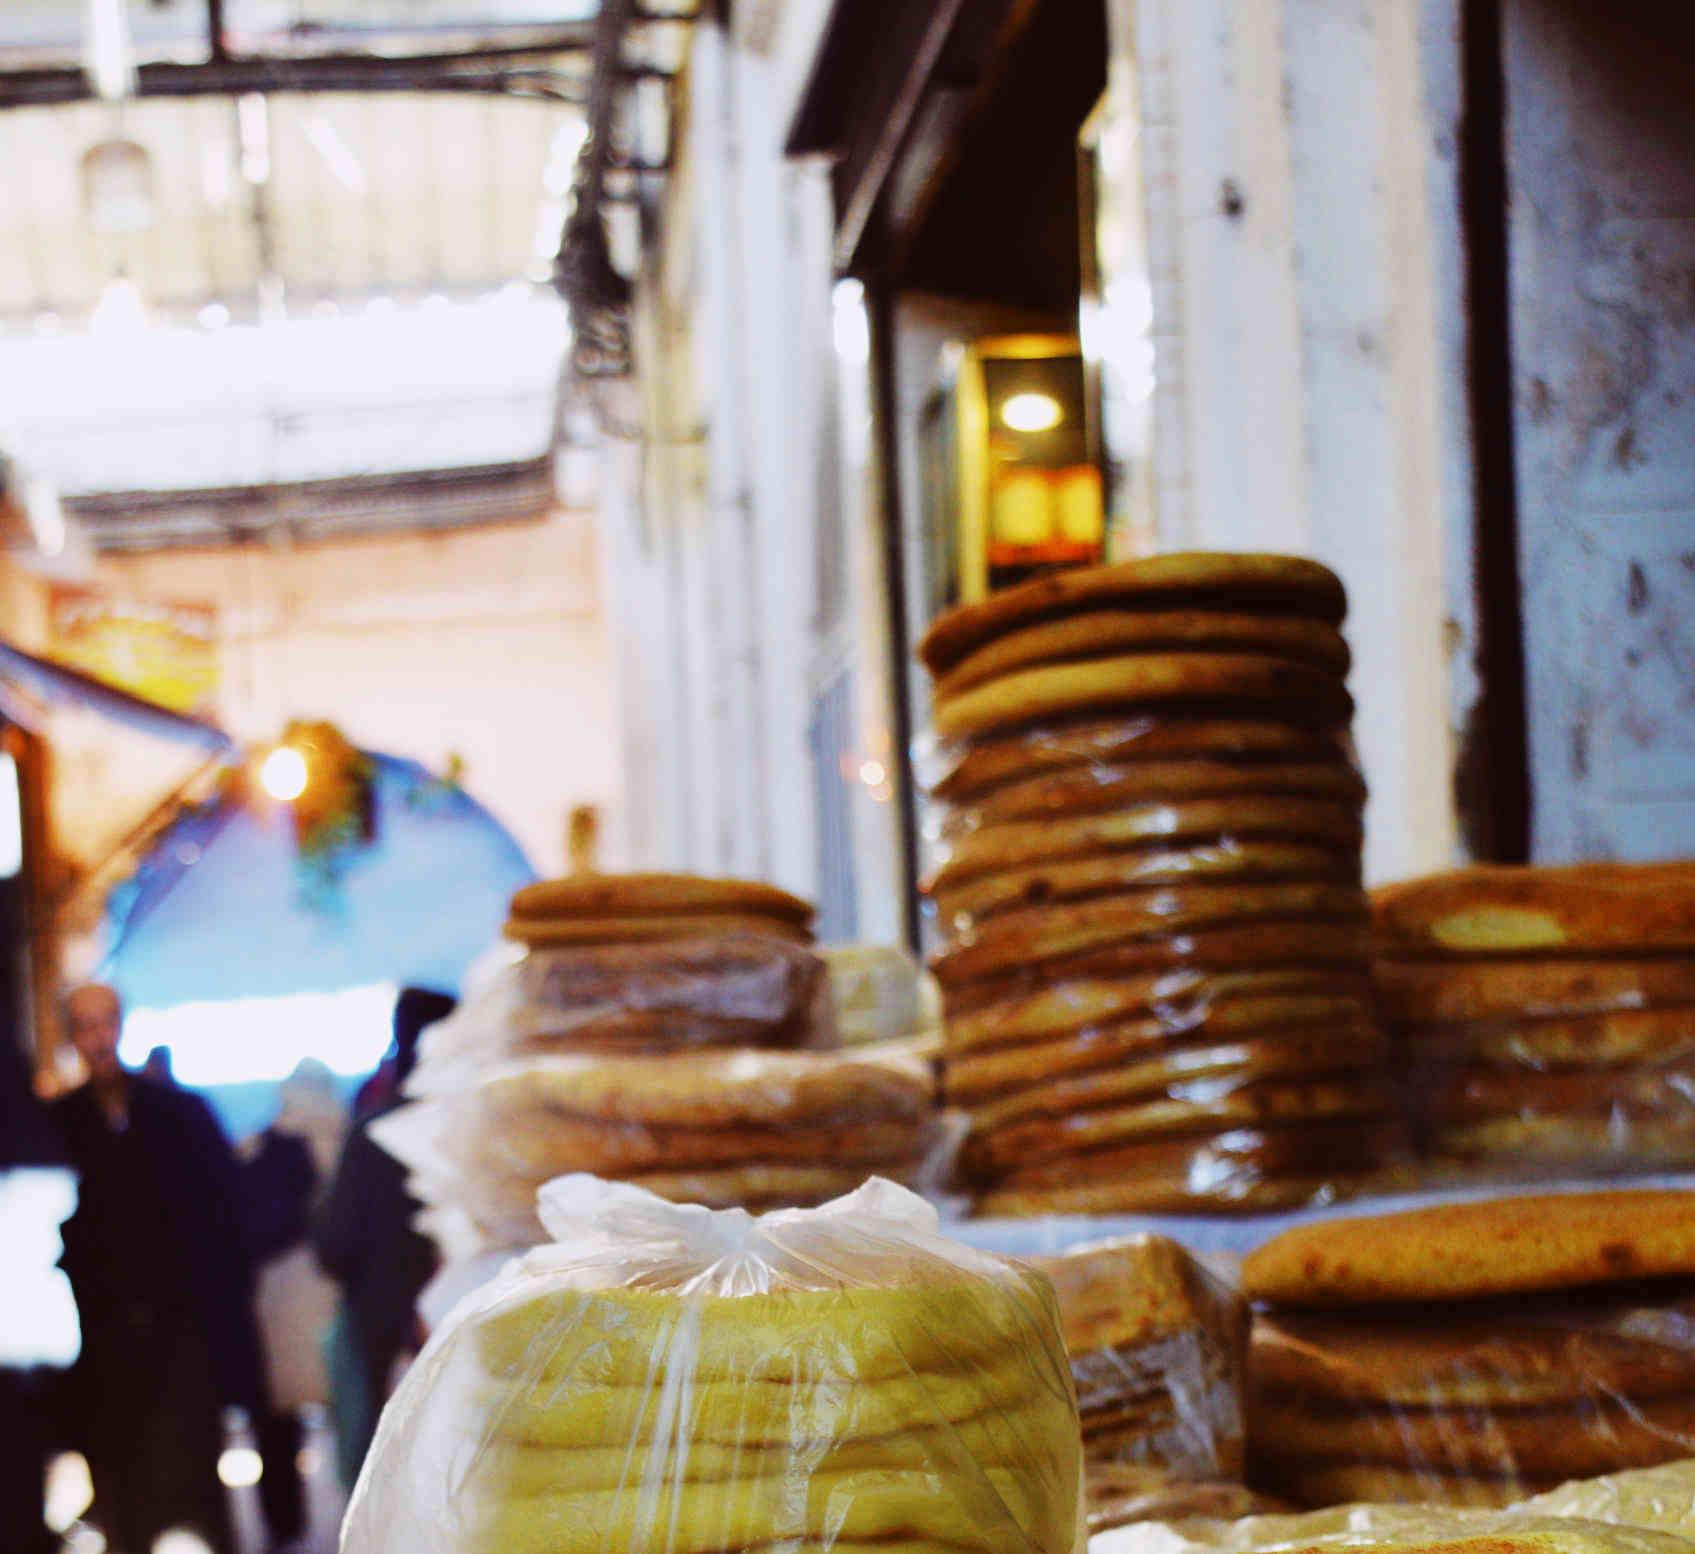 Moroccan bread in the medina Photo: Moroccanzest